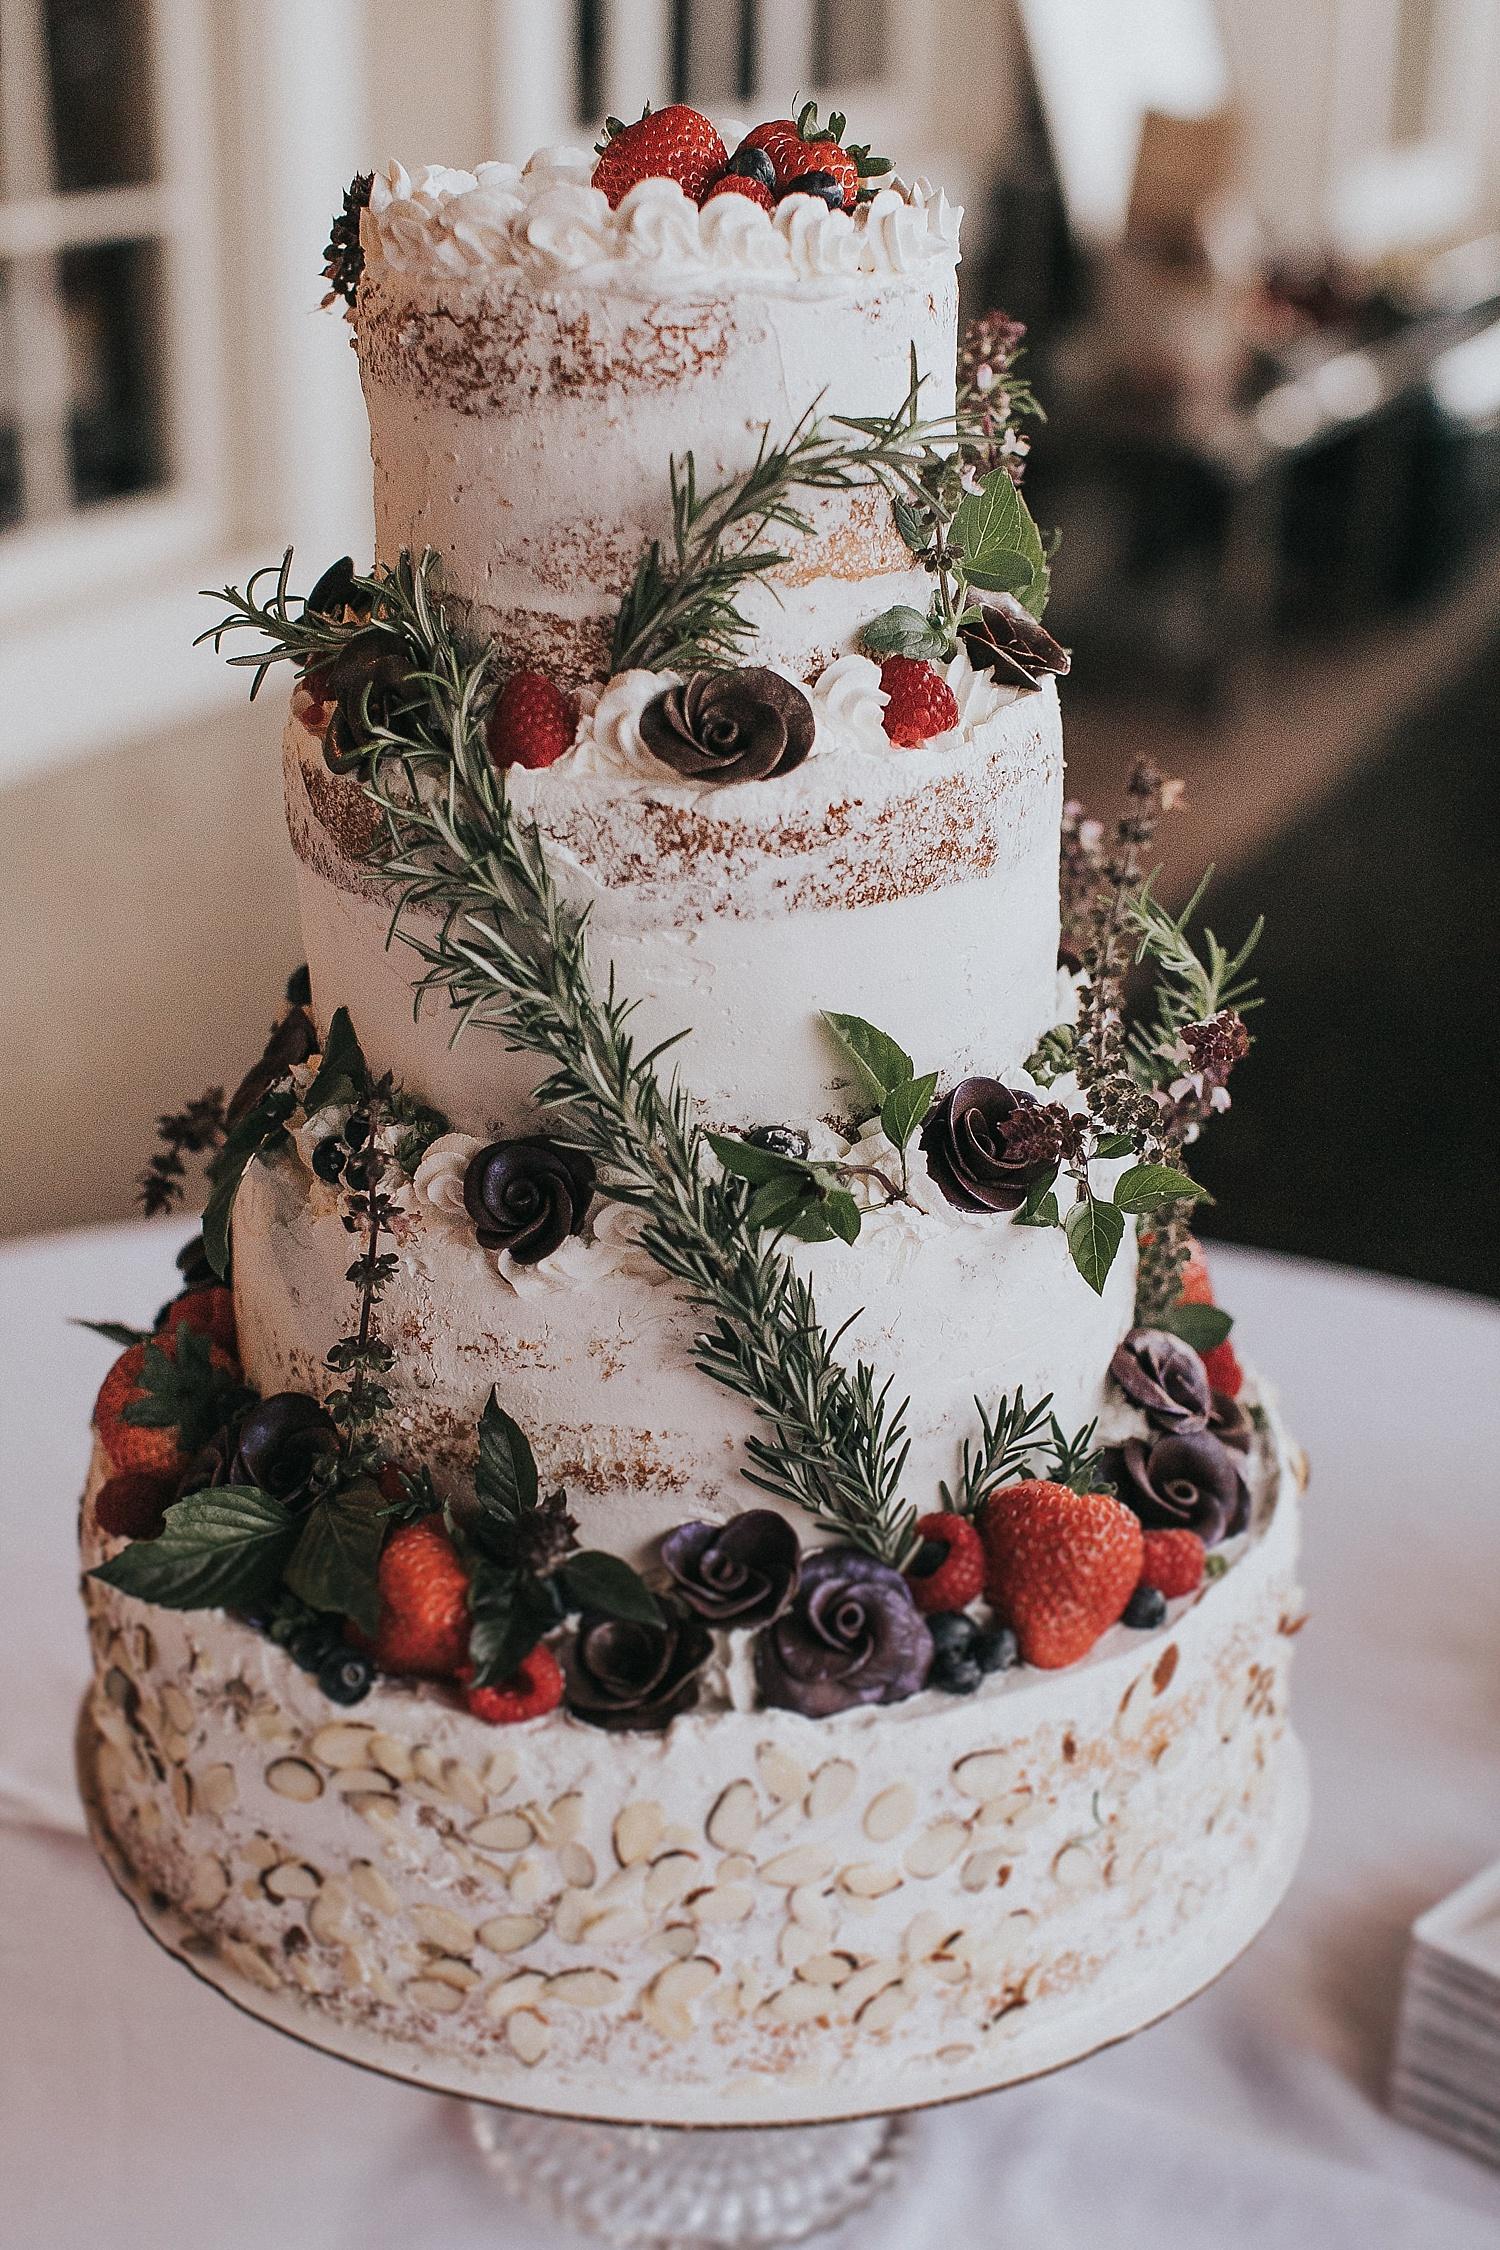 Alicia+lucia+photography+-+albuquerque+wedding+photographer+-+albuquerque+wedding+photography+-+new+mexico+wedding+photographer+-+new+mexico+wedding+cake_0024.jpg